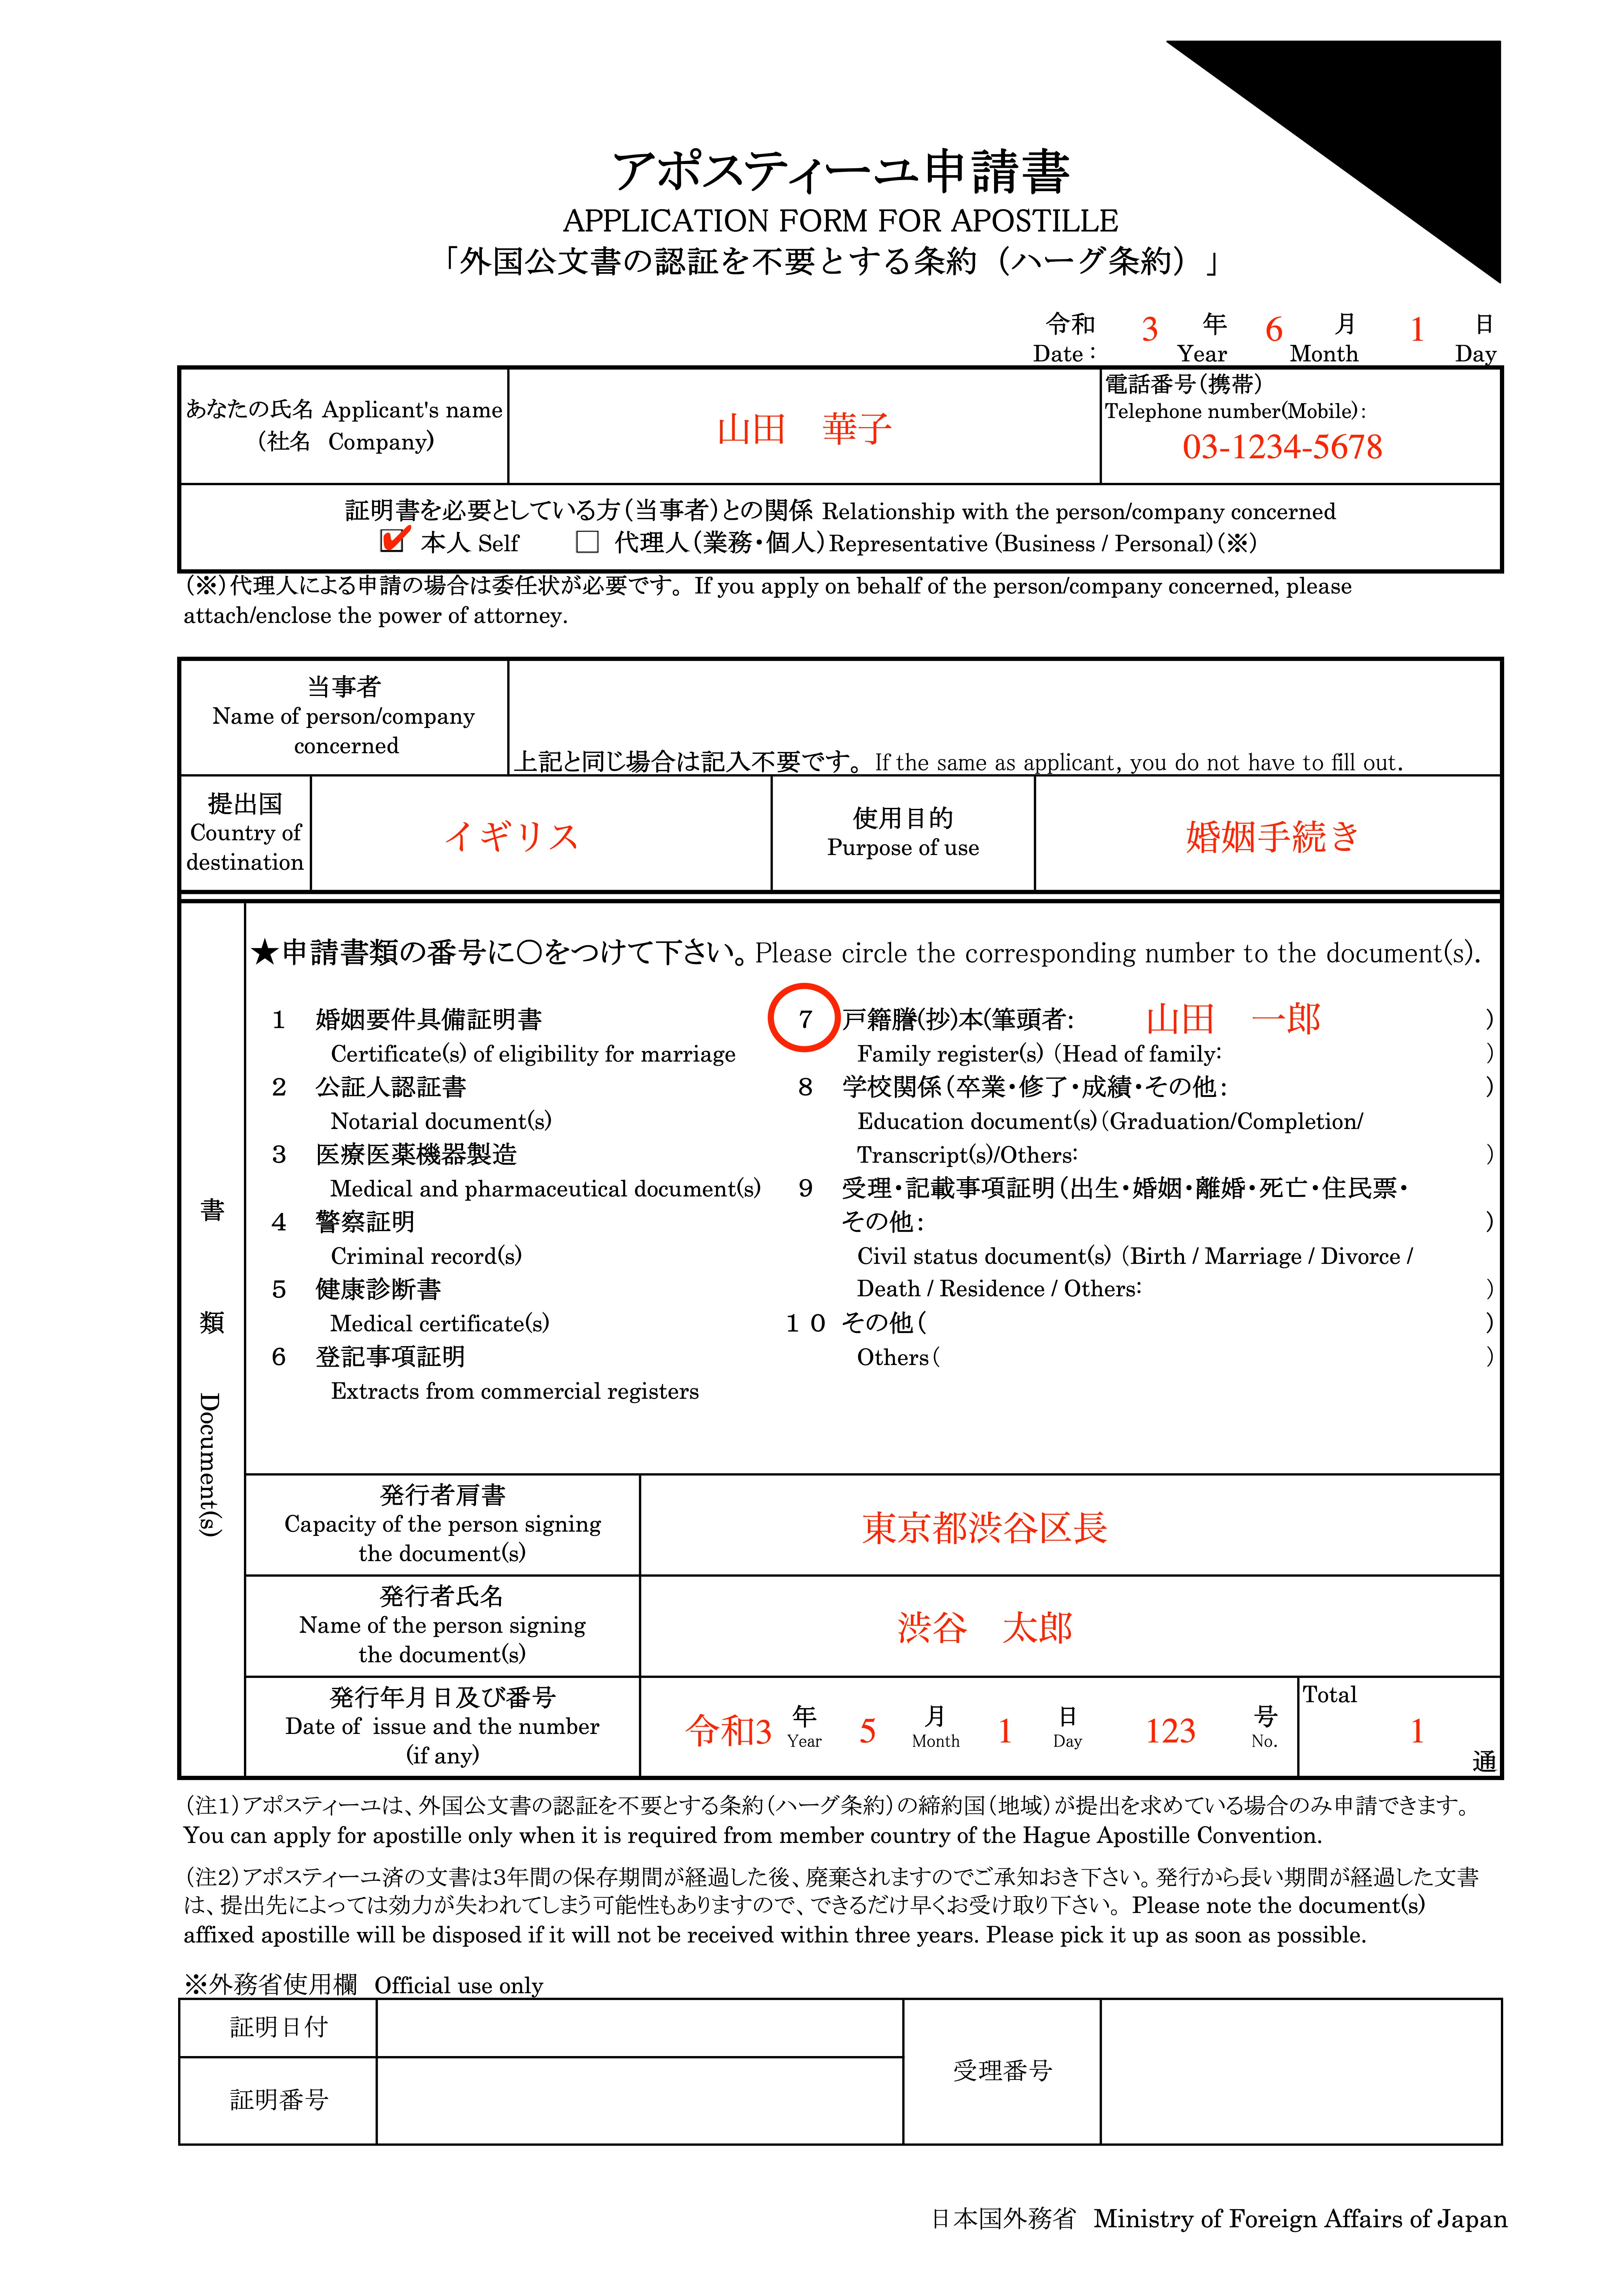 blog-apostille-application-form